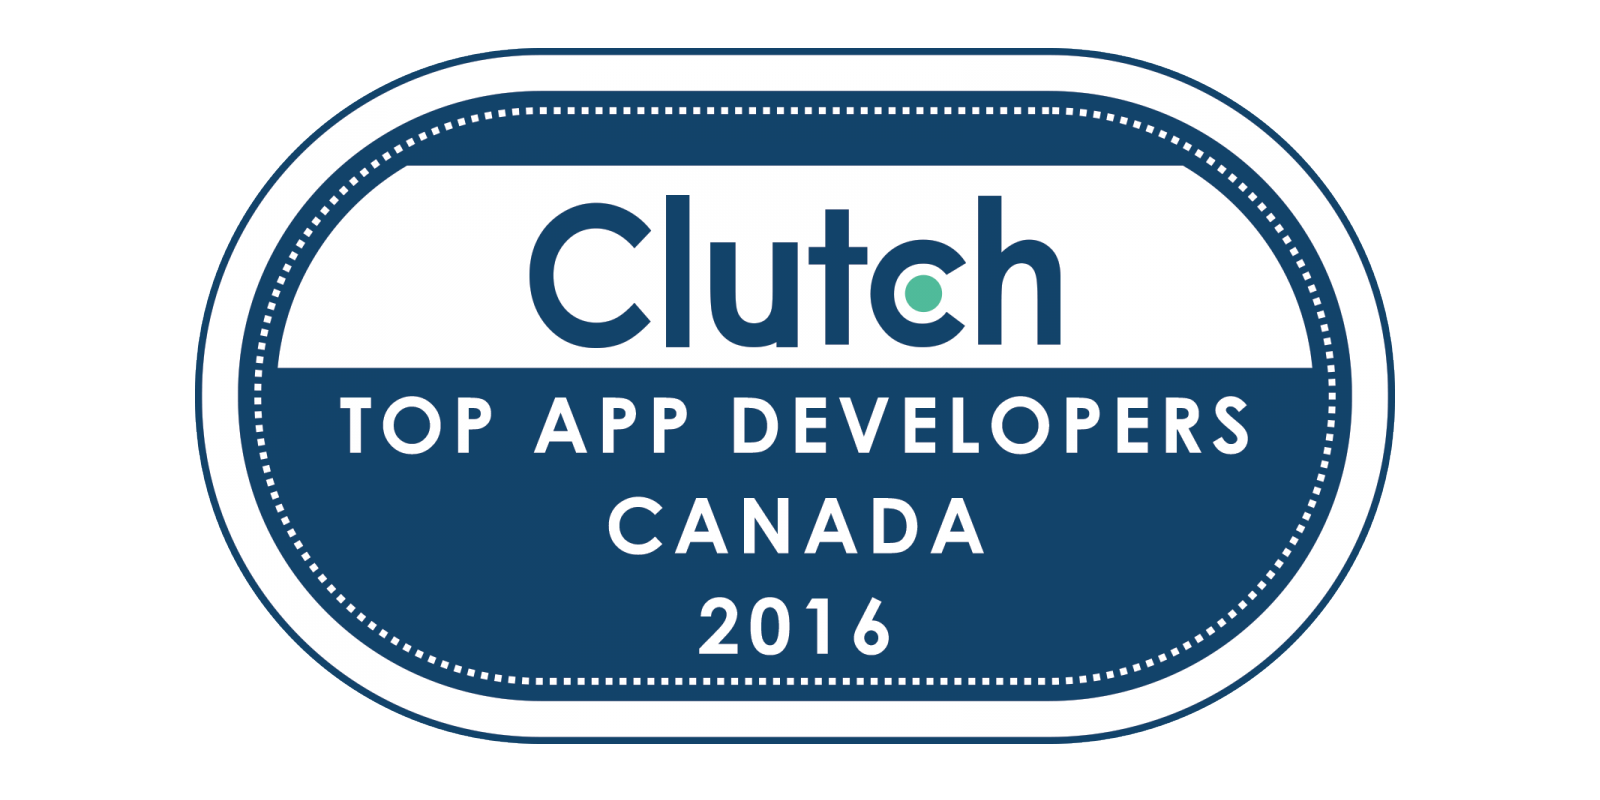 Top app developers Canada 2016